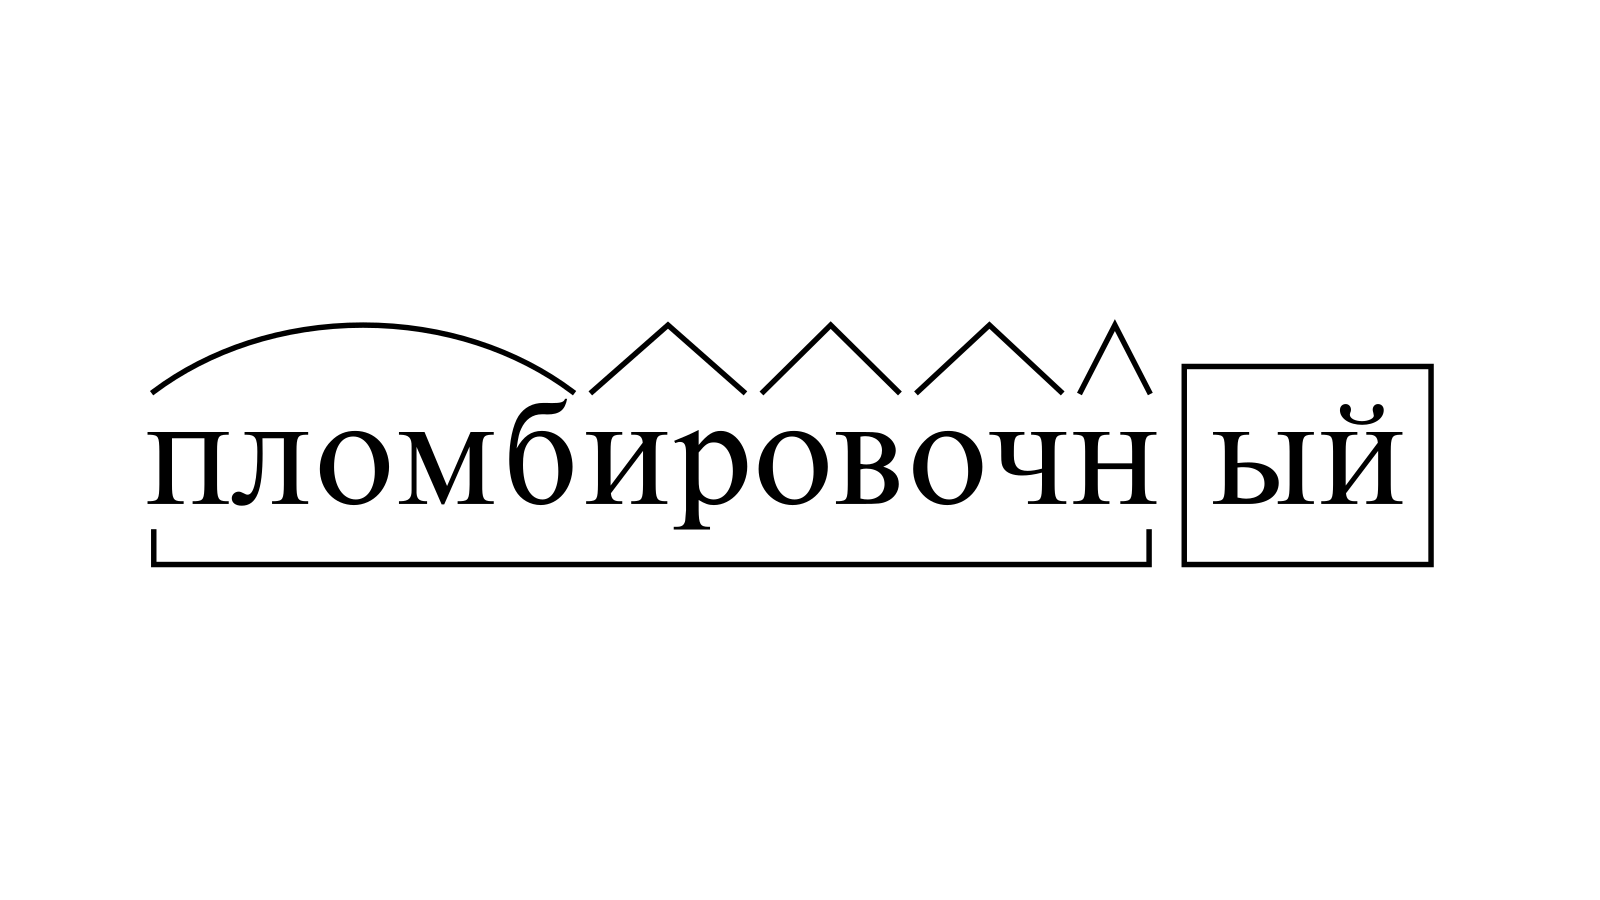 Разбор слова «пломбировочный» по составу